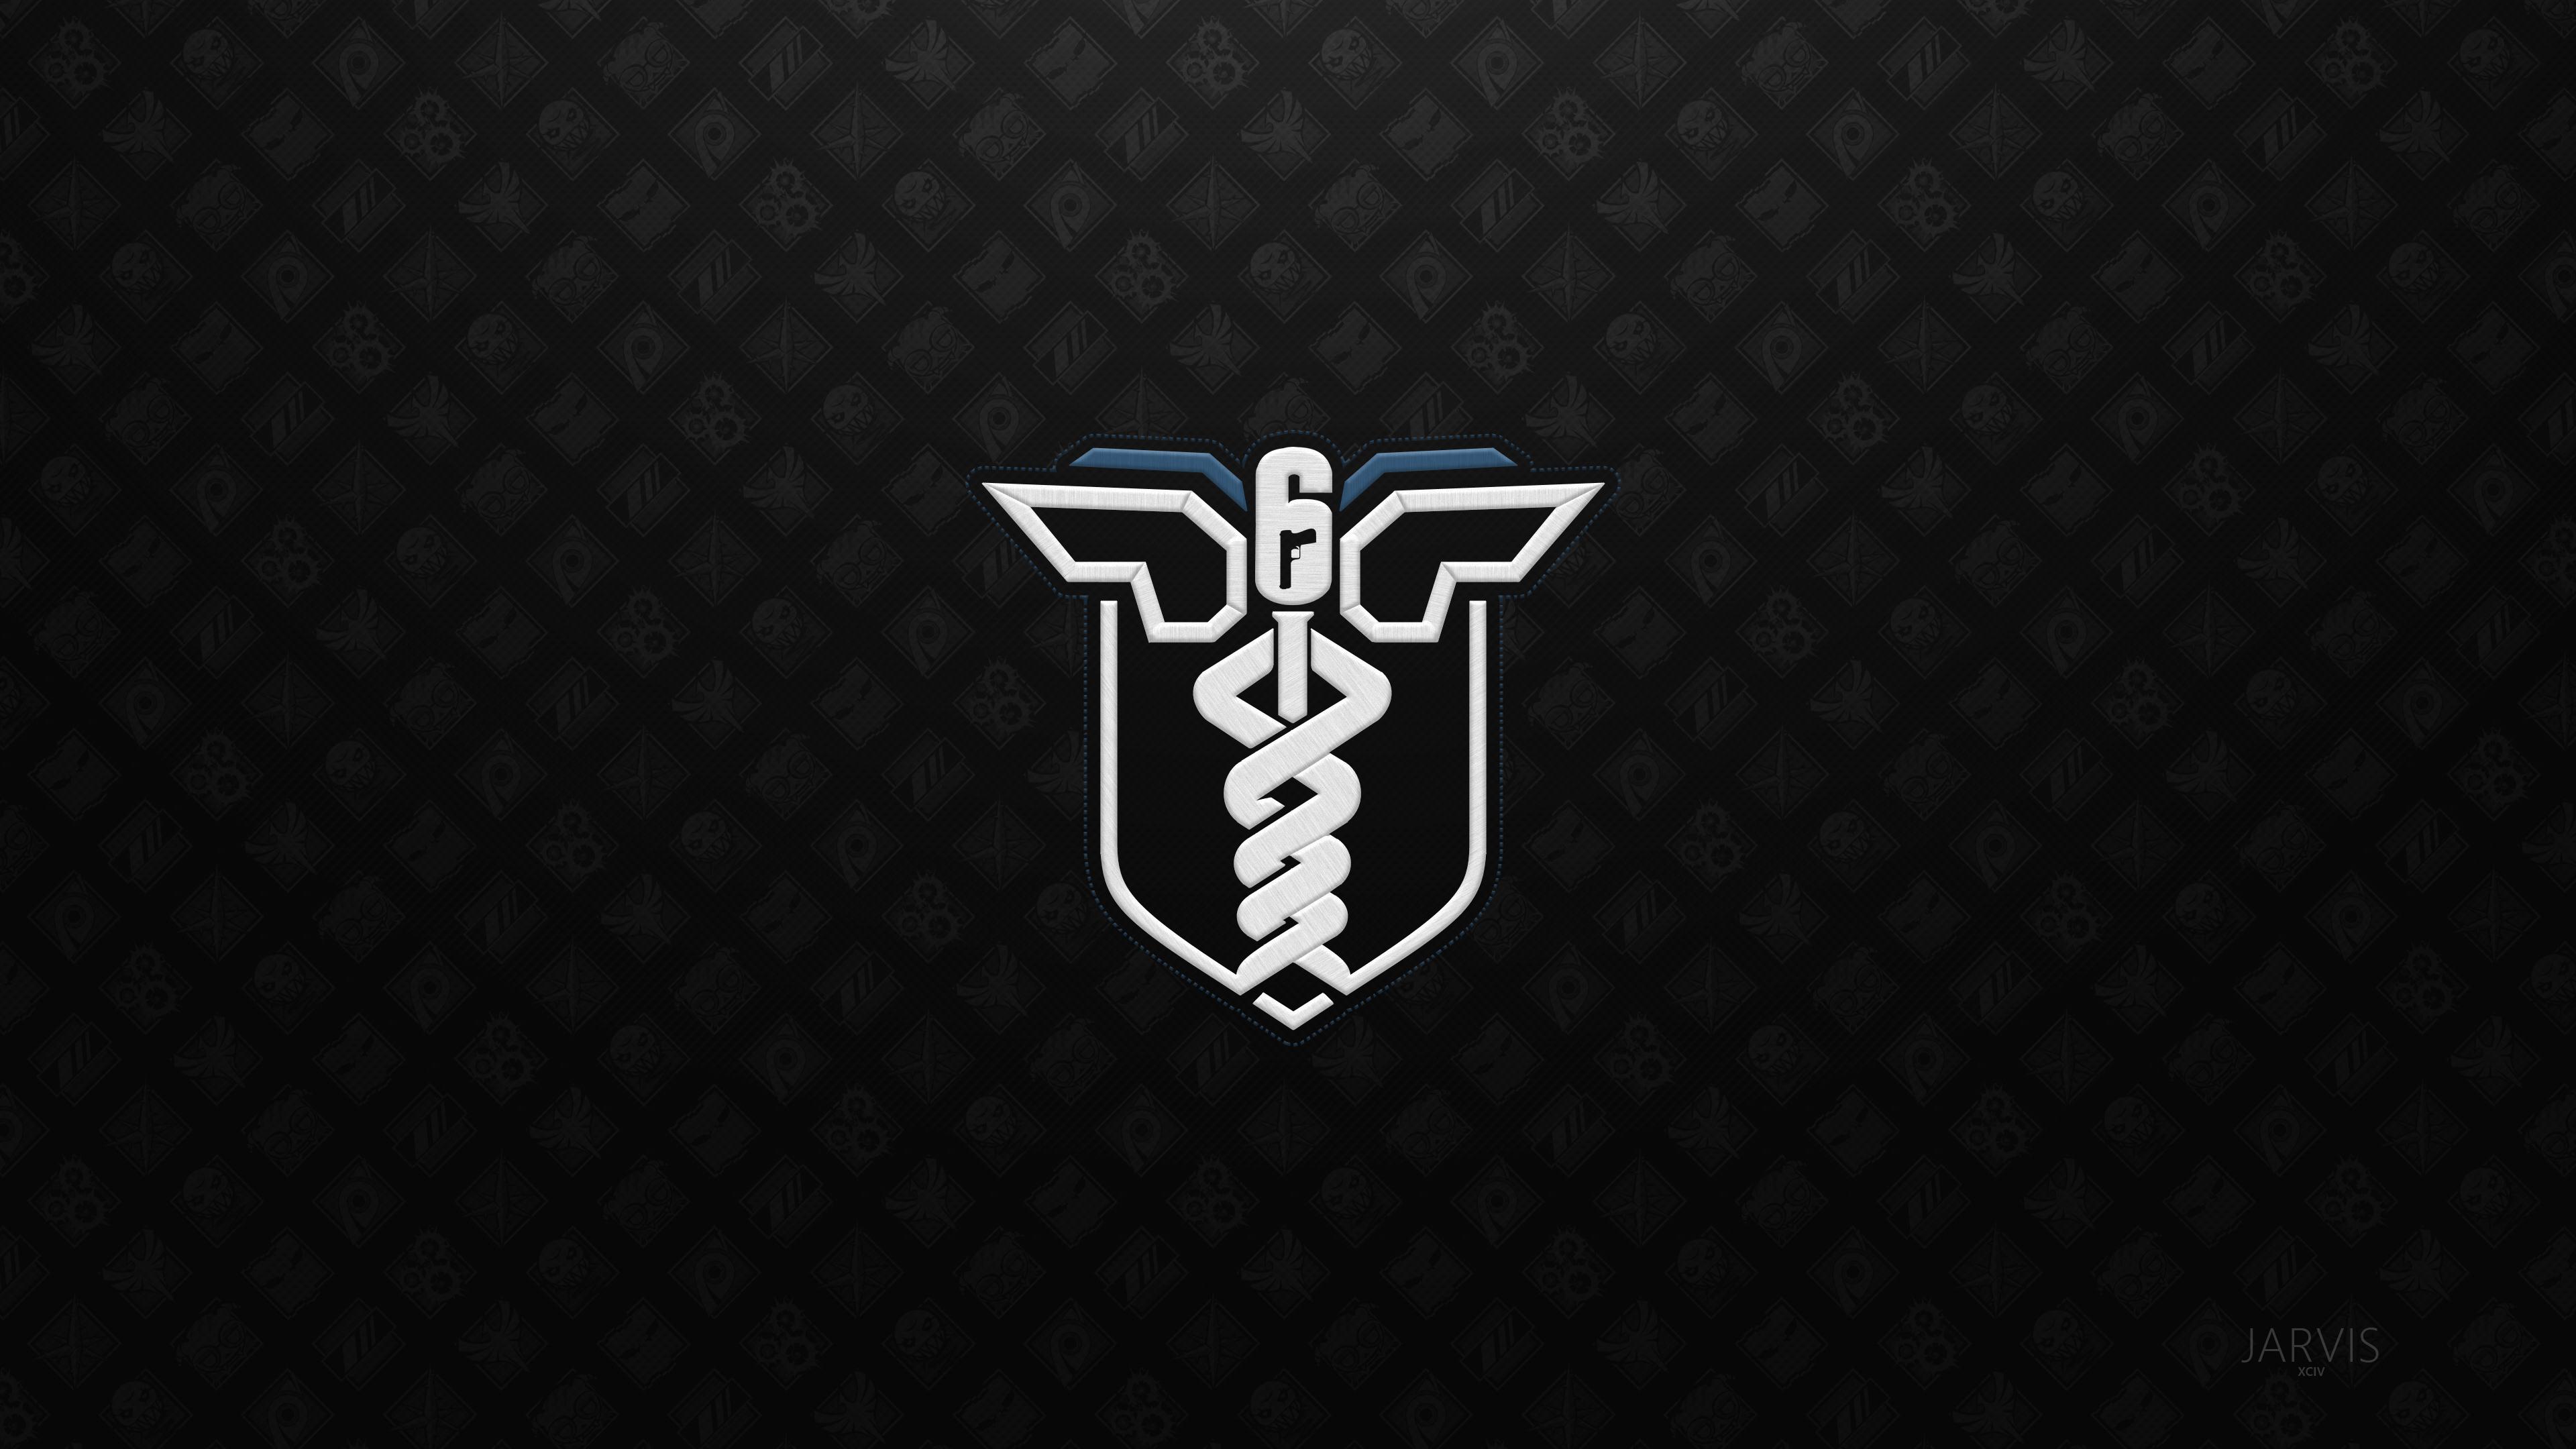 2560x1024 Rainbow Six Siege Minimalist Logo 4k 2560x1024